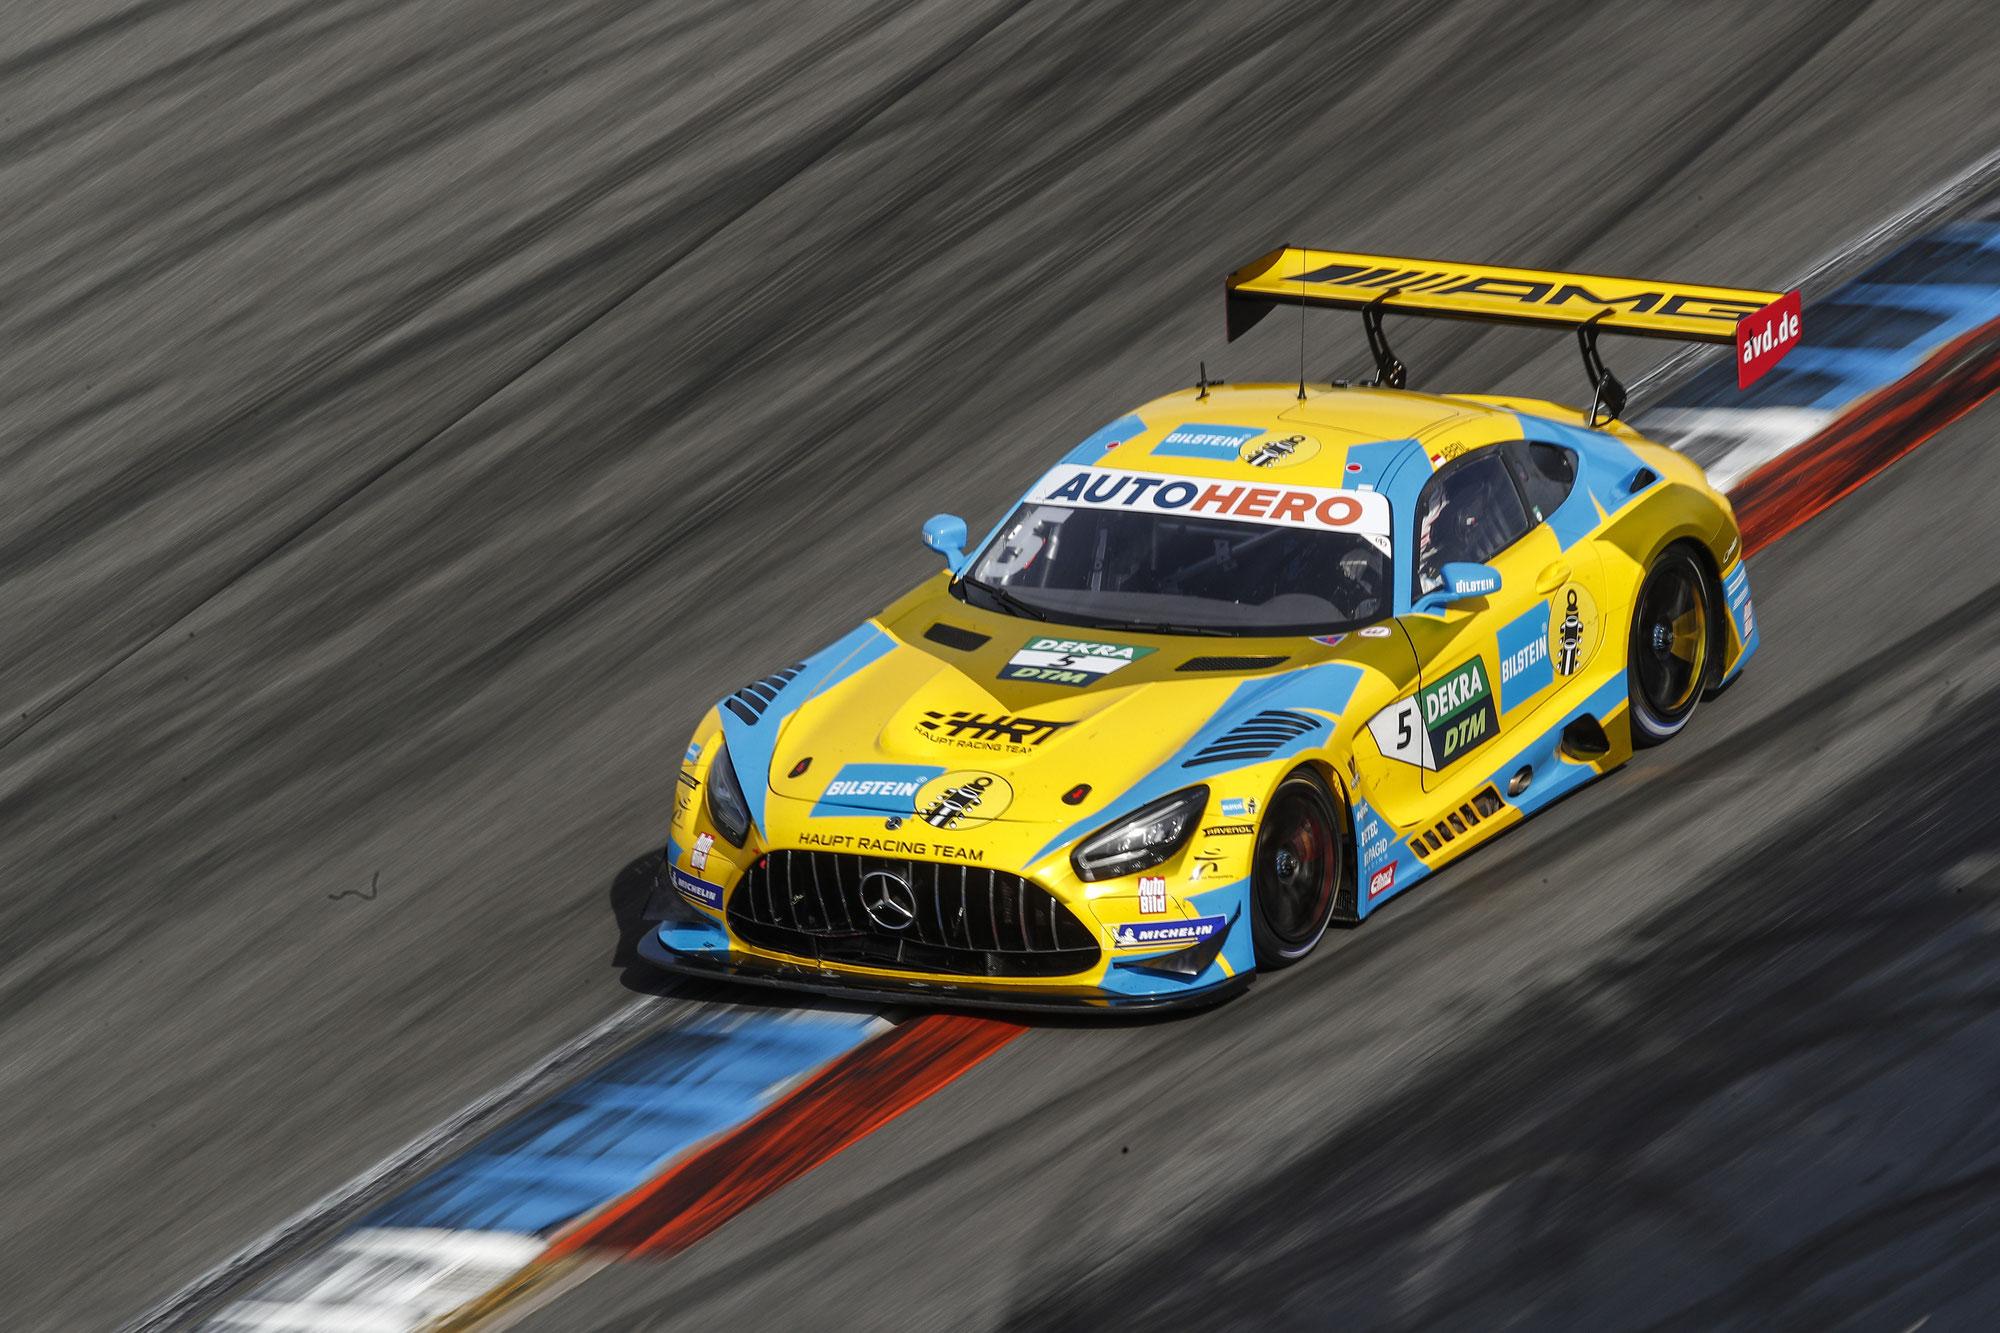 HRT beim Saisonfinale der DTM auf dem Norisring mit Chancen auf den Fahrertitel